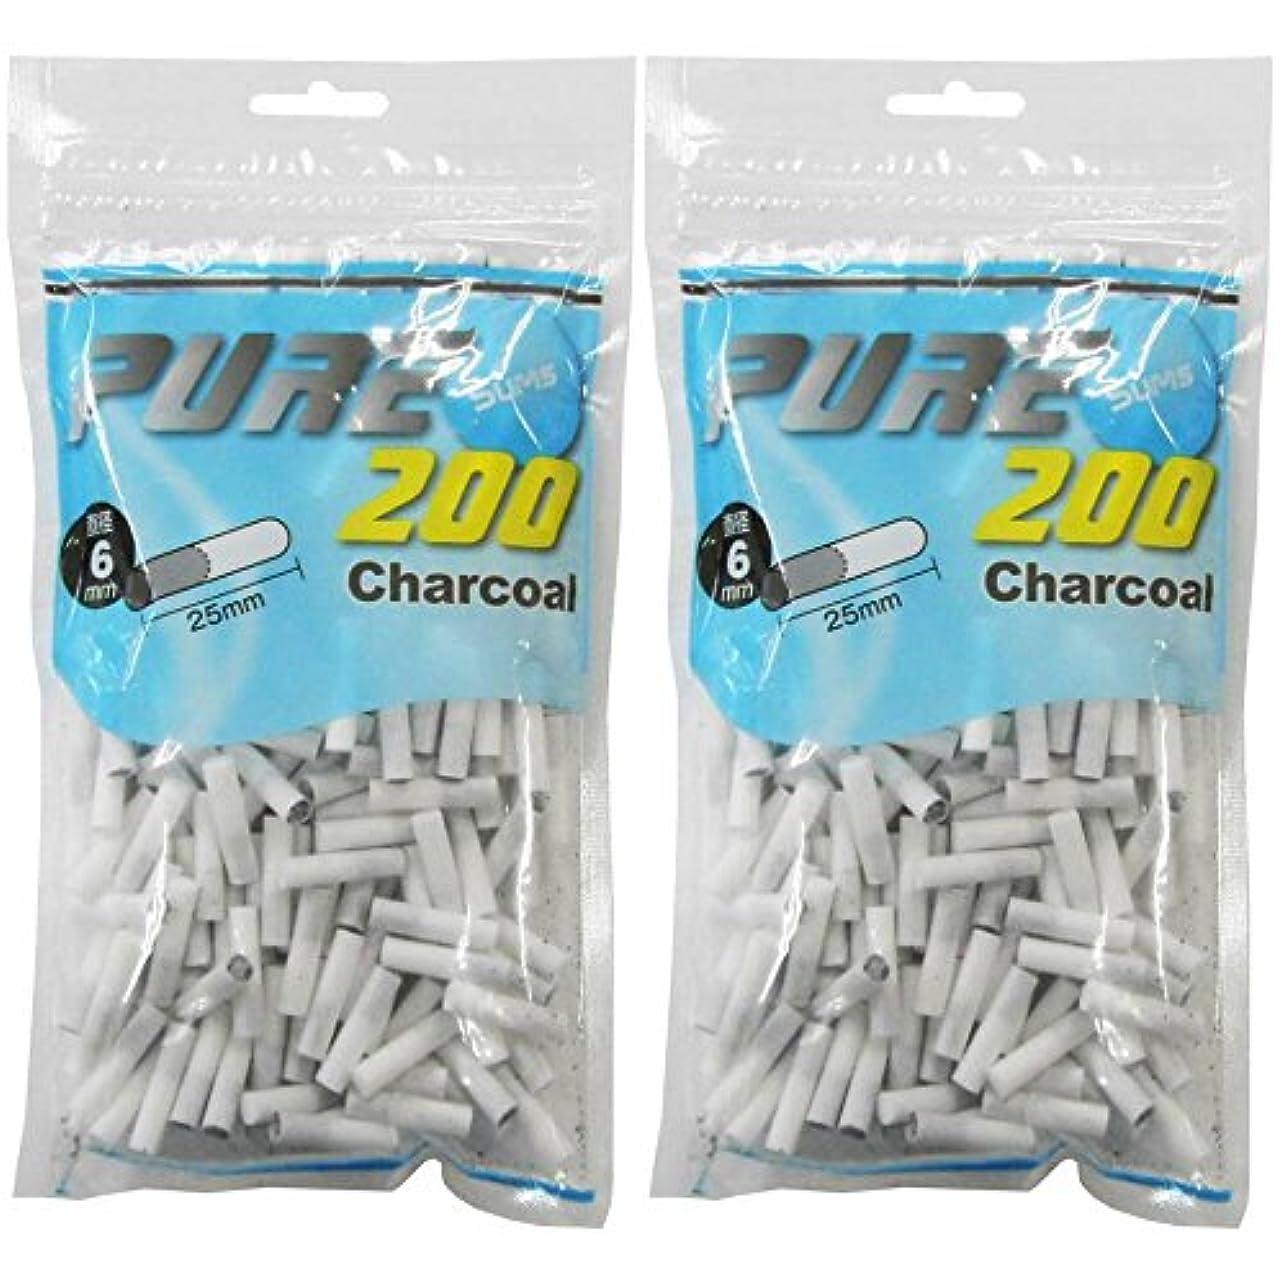 聖域博覧会実現可能pure 063342 ピュアスリム 手巻きタバコ用スリム チャコールフィルター 200個入り 2?3?4個セット